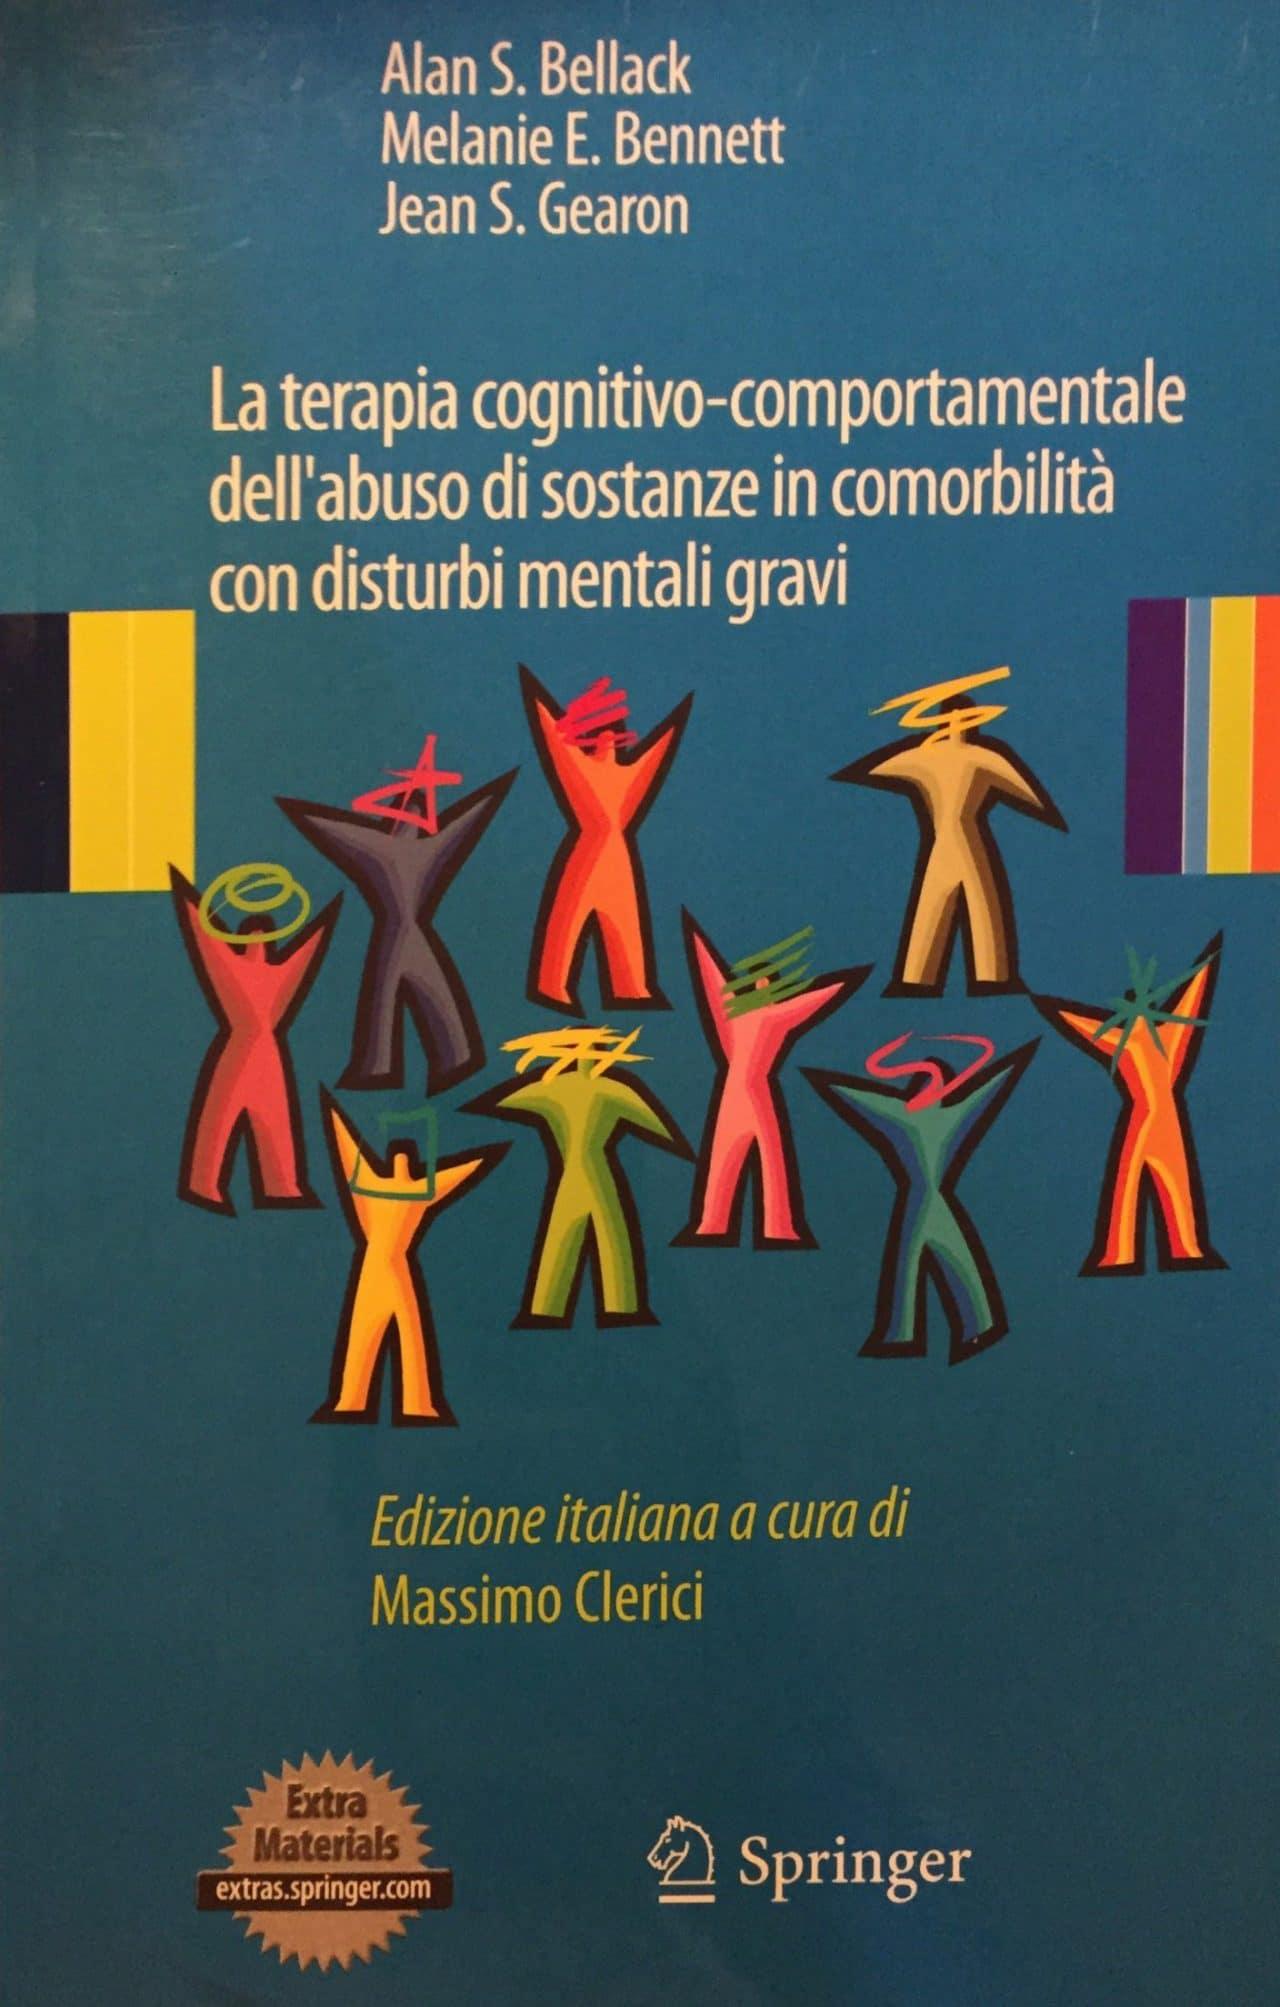 La Terapia Cognitivo-Comportamentale Dell'abuso Di Sostanze In Comorbilità Con Disturbi Mentali Gravi